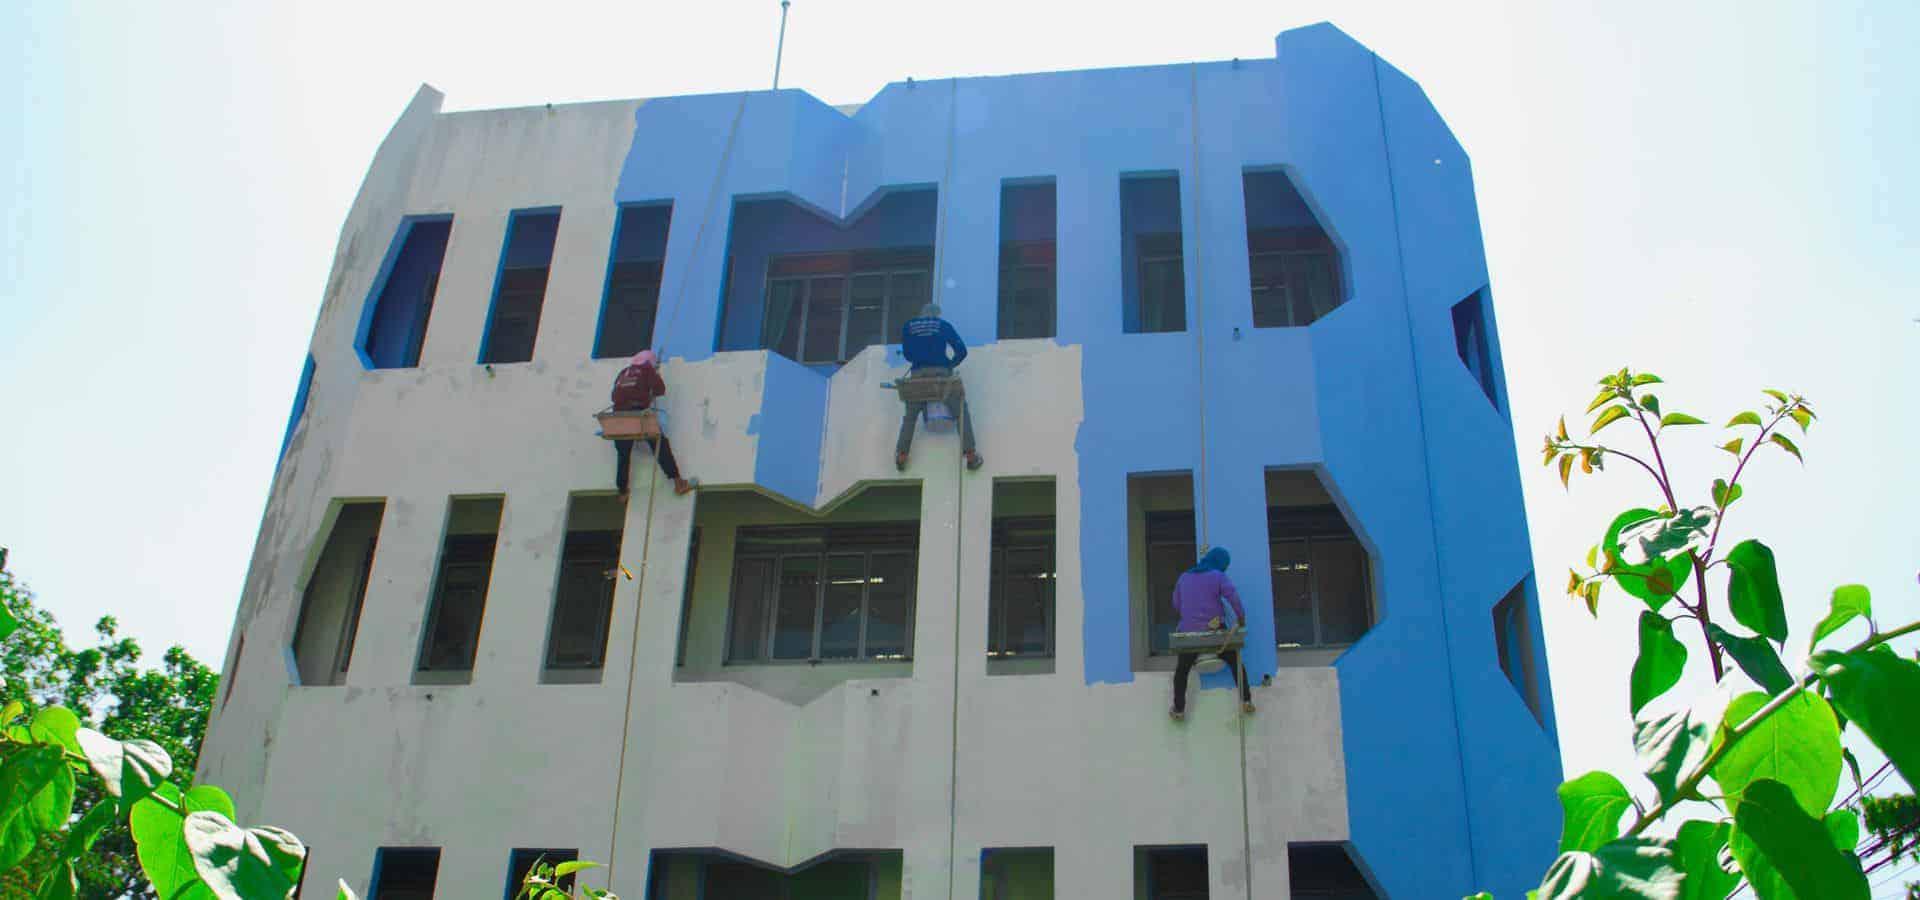 Ελαιοχρωματισμοί Εξωτερικών Τοίχων, Βάψιμο Σπιτιών, Μονώσεις Ταρατσών, Θερμοπροσόψεις Κτιρίων Chromotech